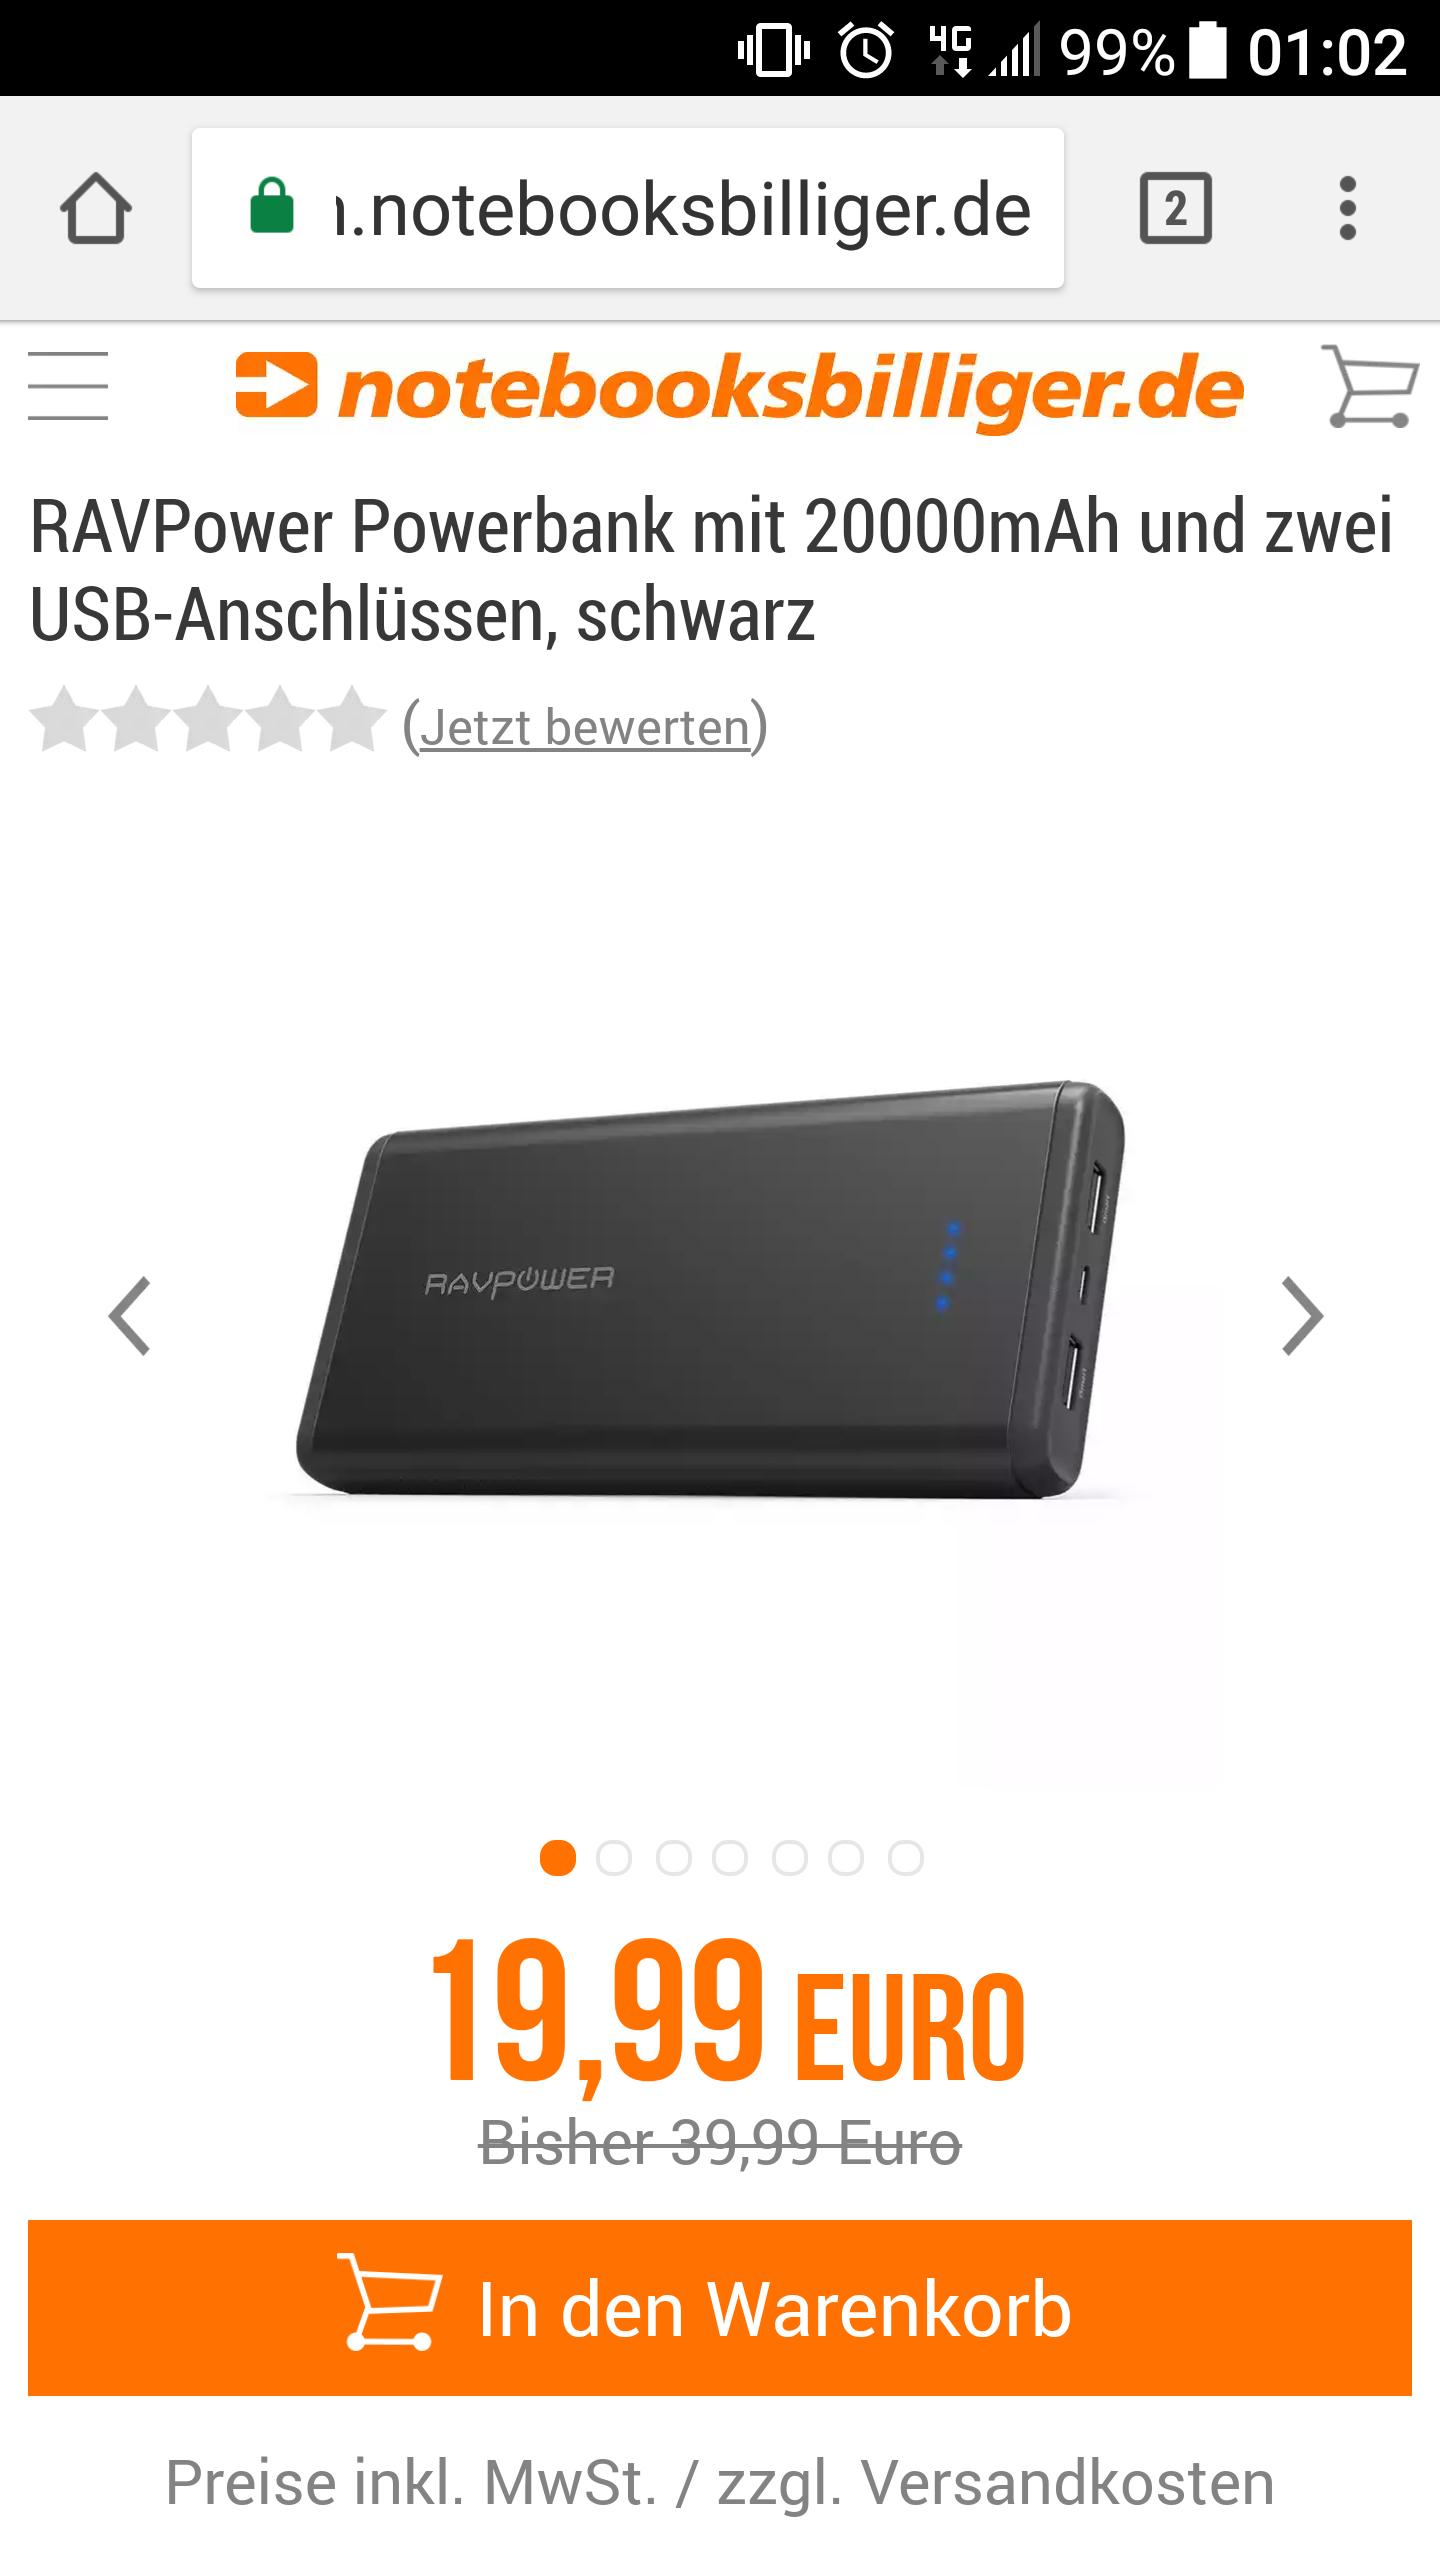 [Notebooksbilliger] Ravpower  Powerbank mit 20000mAh / 2 Anschlüsse / Schwarz für 19.99 € + ab 2.99 € Versand